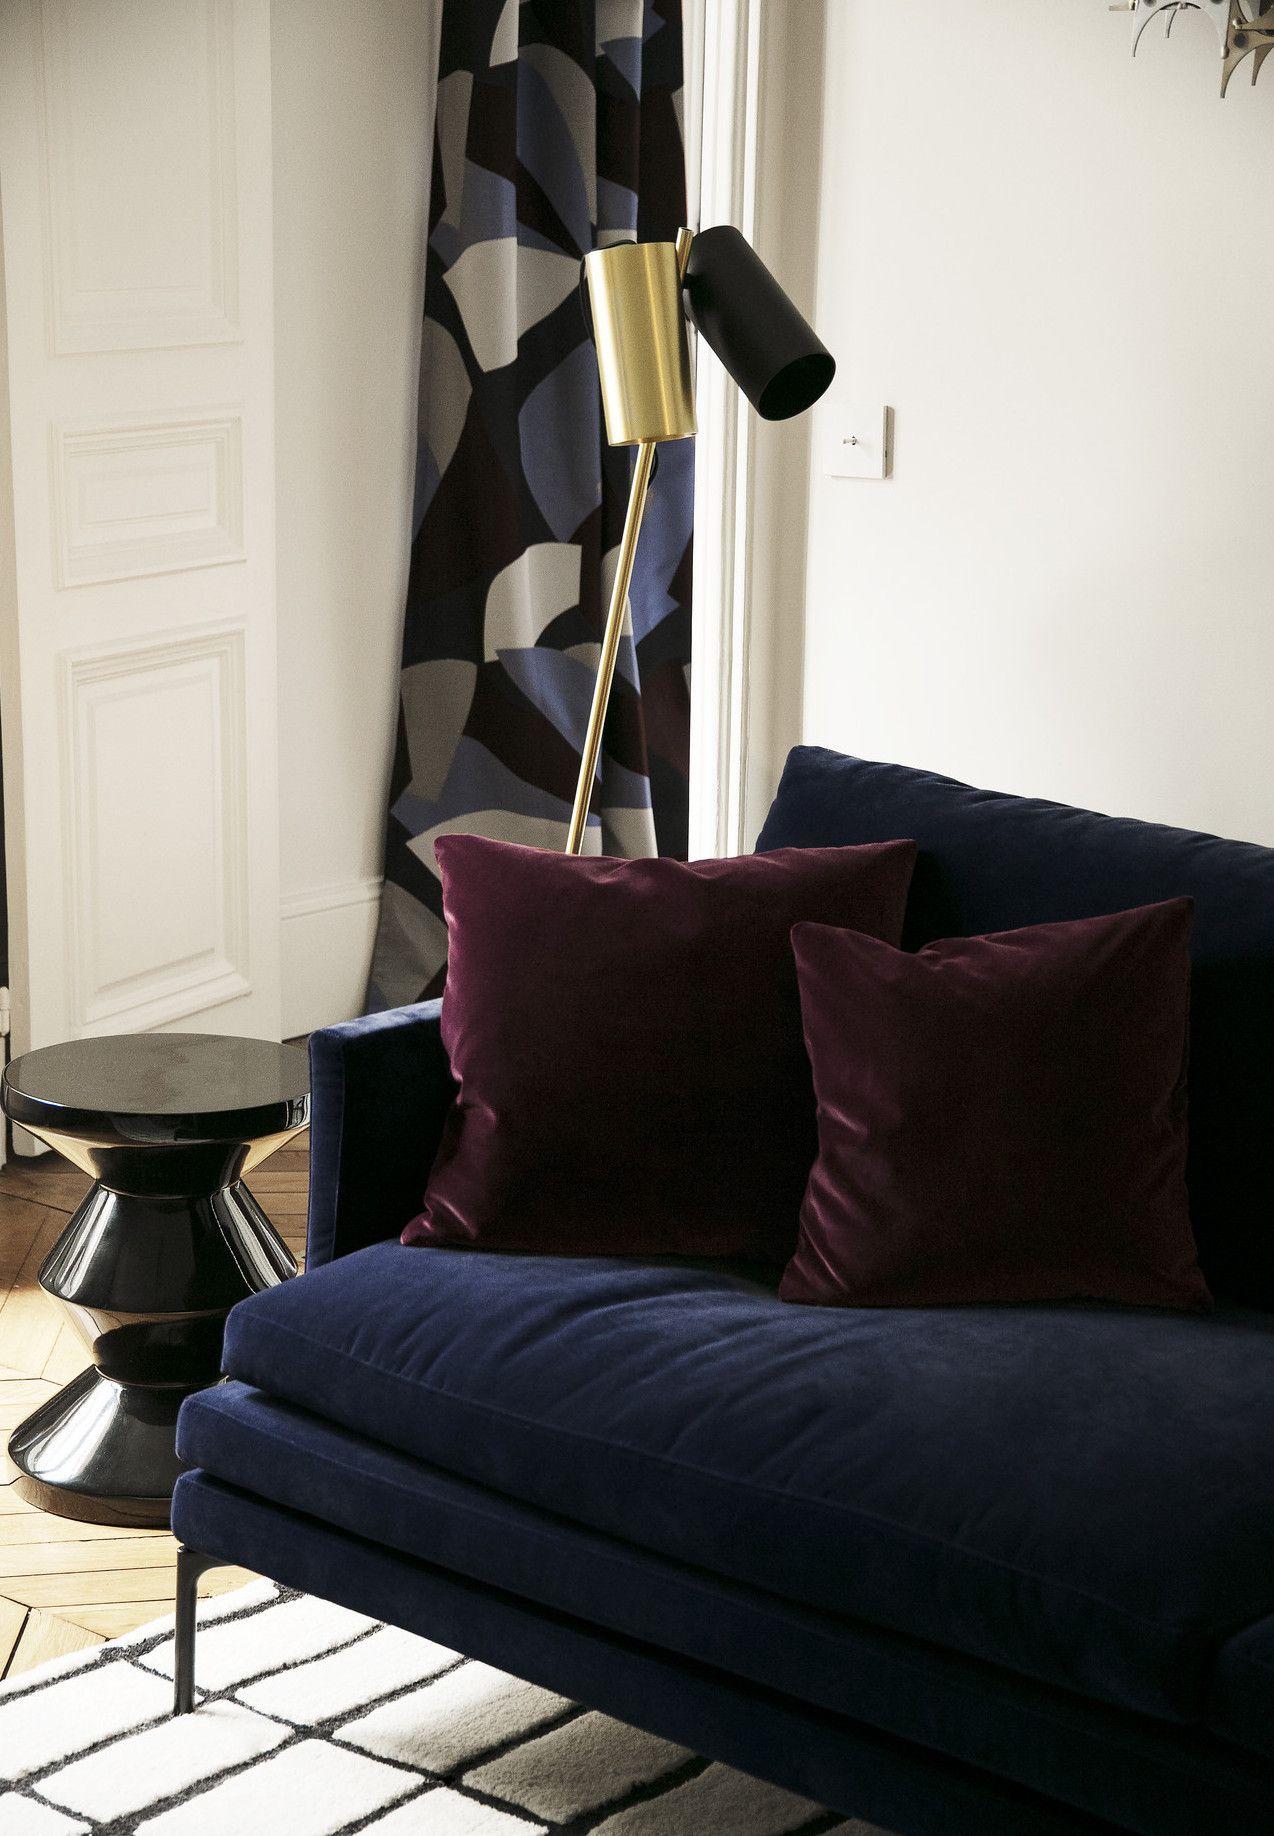 Un Canape Velours Bleu Nuit Dans Un Appartement Parisien Canape